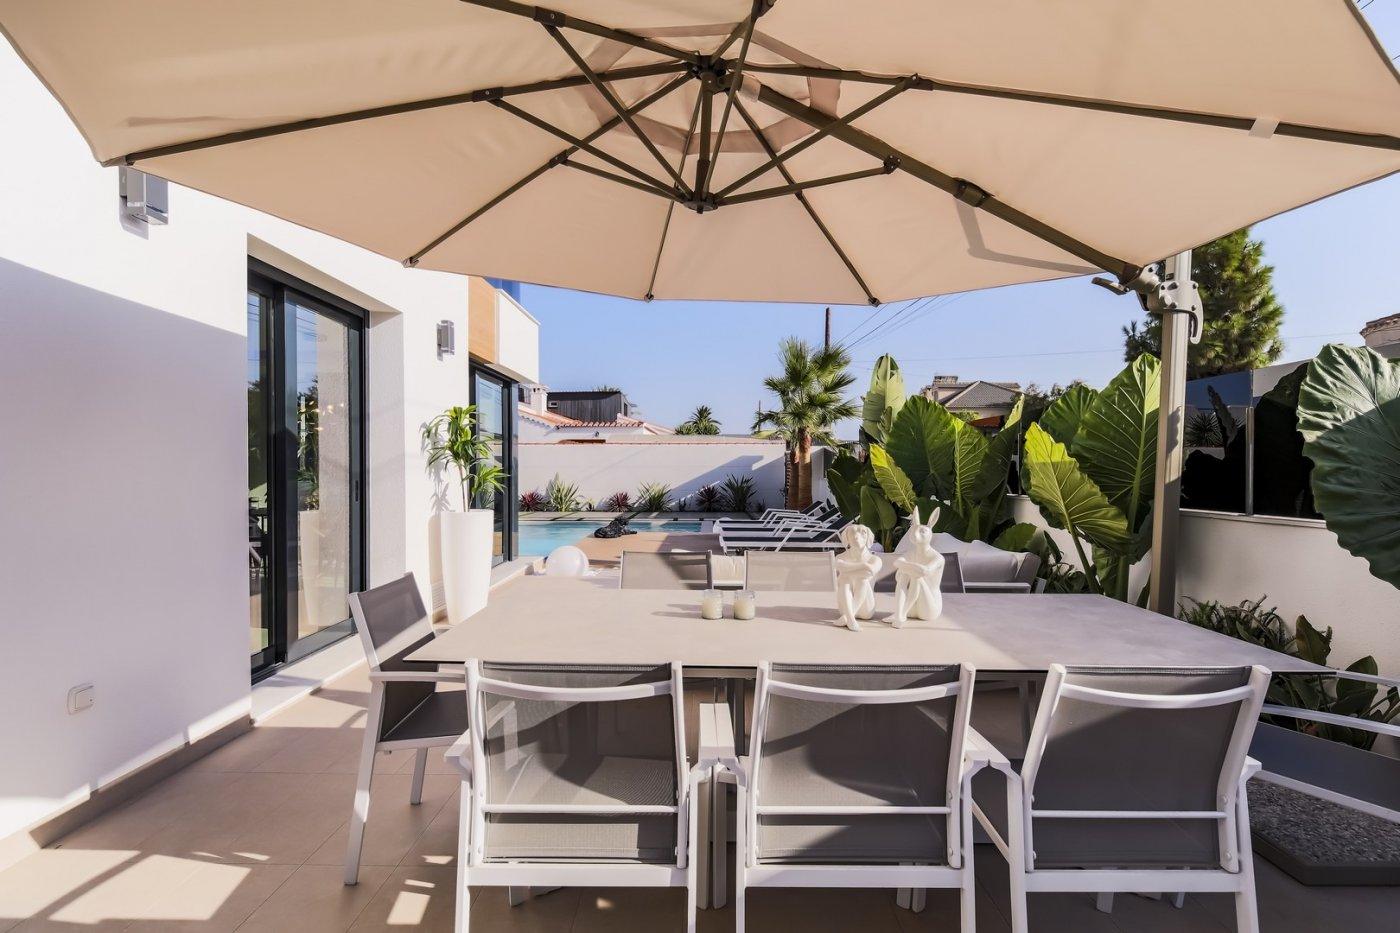 Villas de lujo en torreta florida (torrevieja) - imagenInmueble5